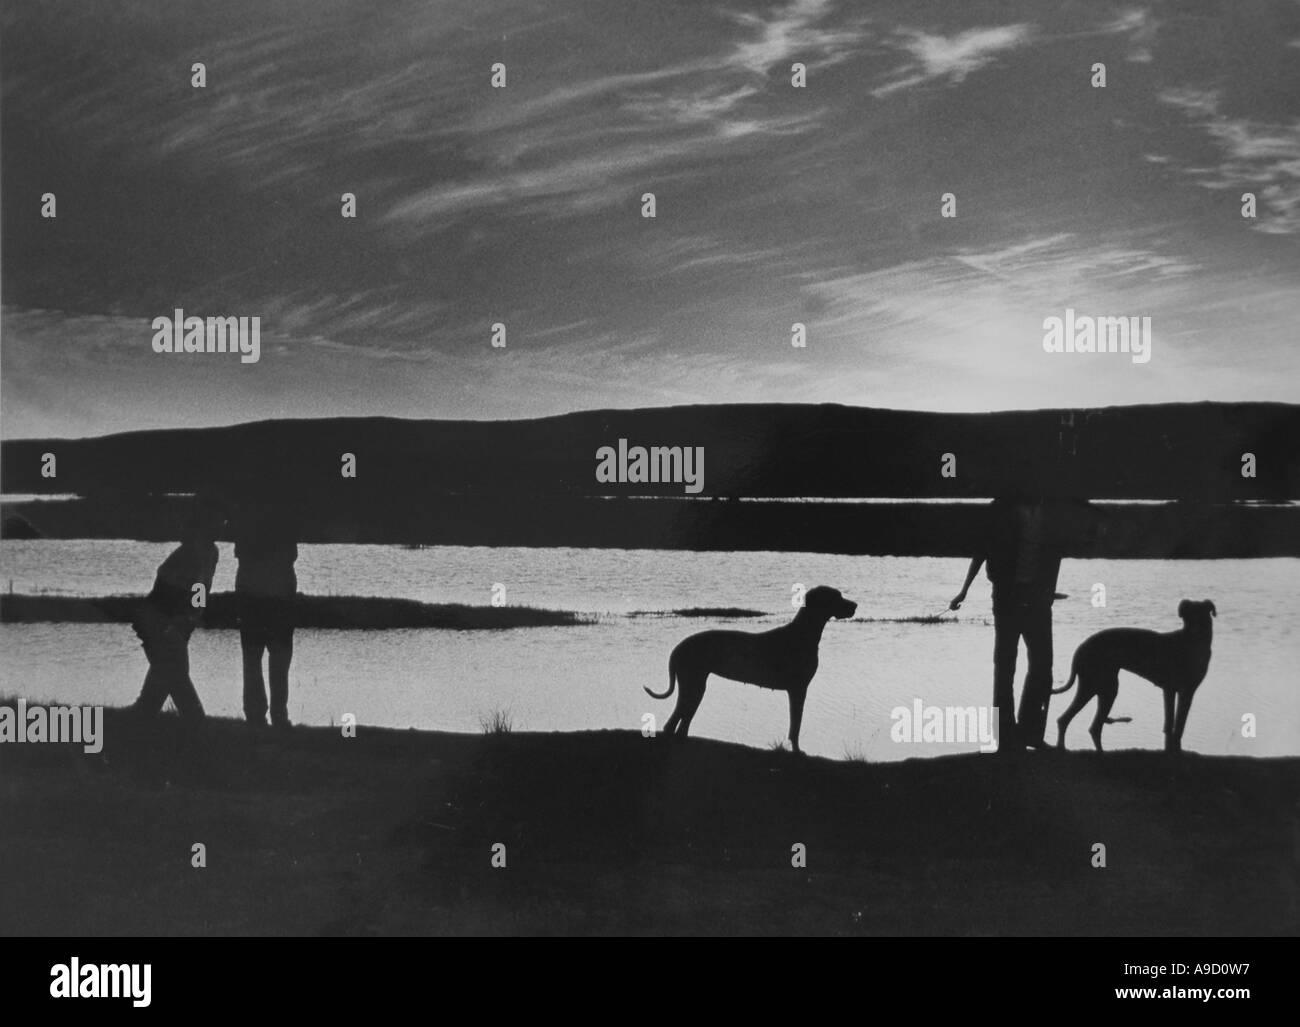 Silluette romántica en blanco y negro de los perros -grandes daneses- con personas en un lago cerca de Corofin - Co Clare- Oeste de Irlanda Imagen De Stock